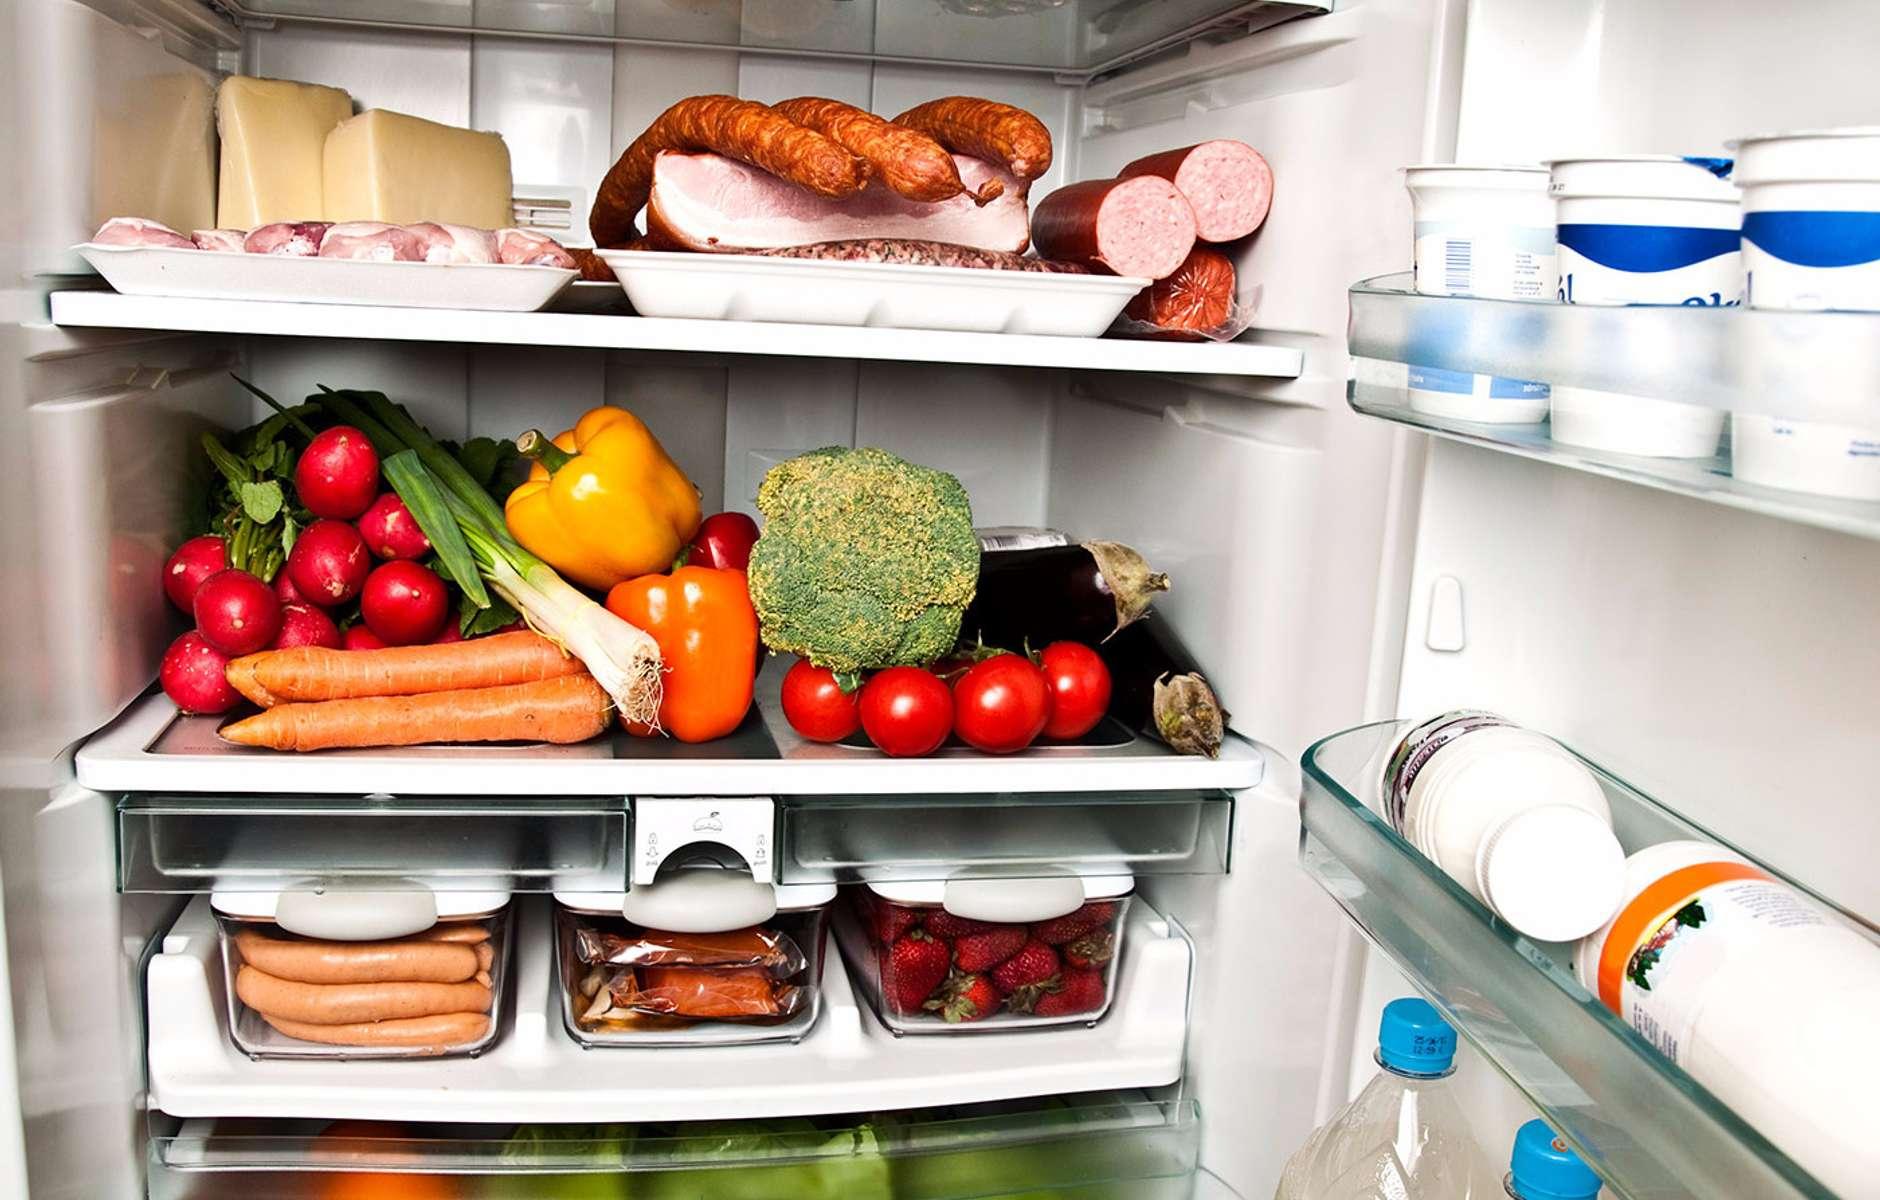 папку, холодильник фото с продуктами нарисовано